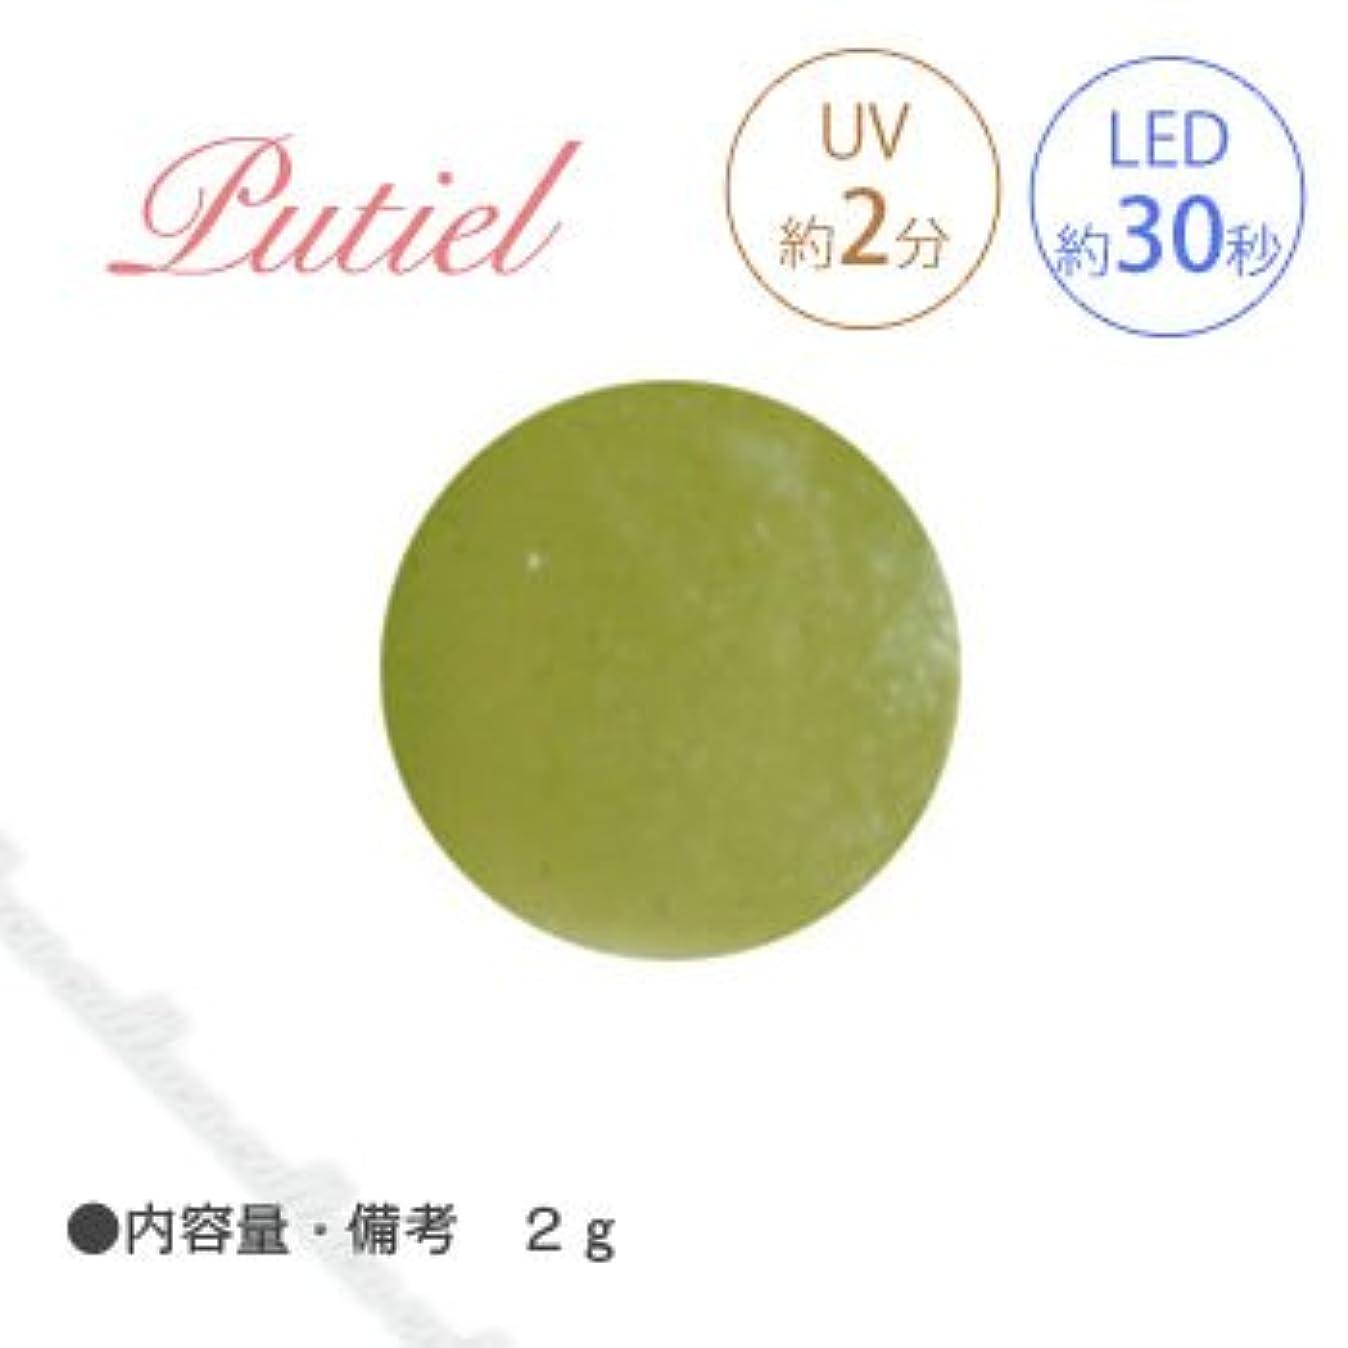 デコレーション行列肉屋Putiel プティール カラージェル 506 リーフ 2g